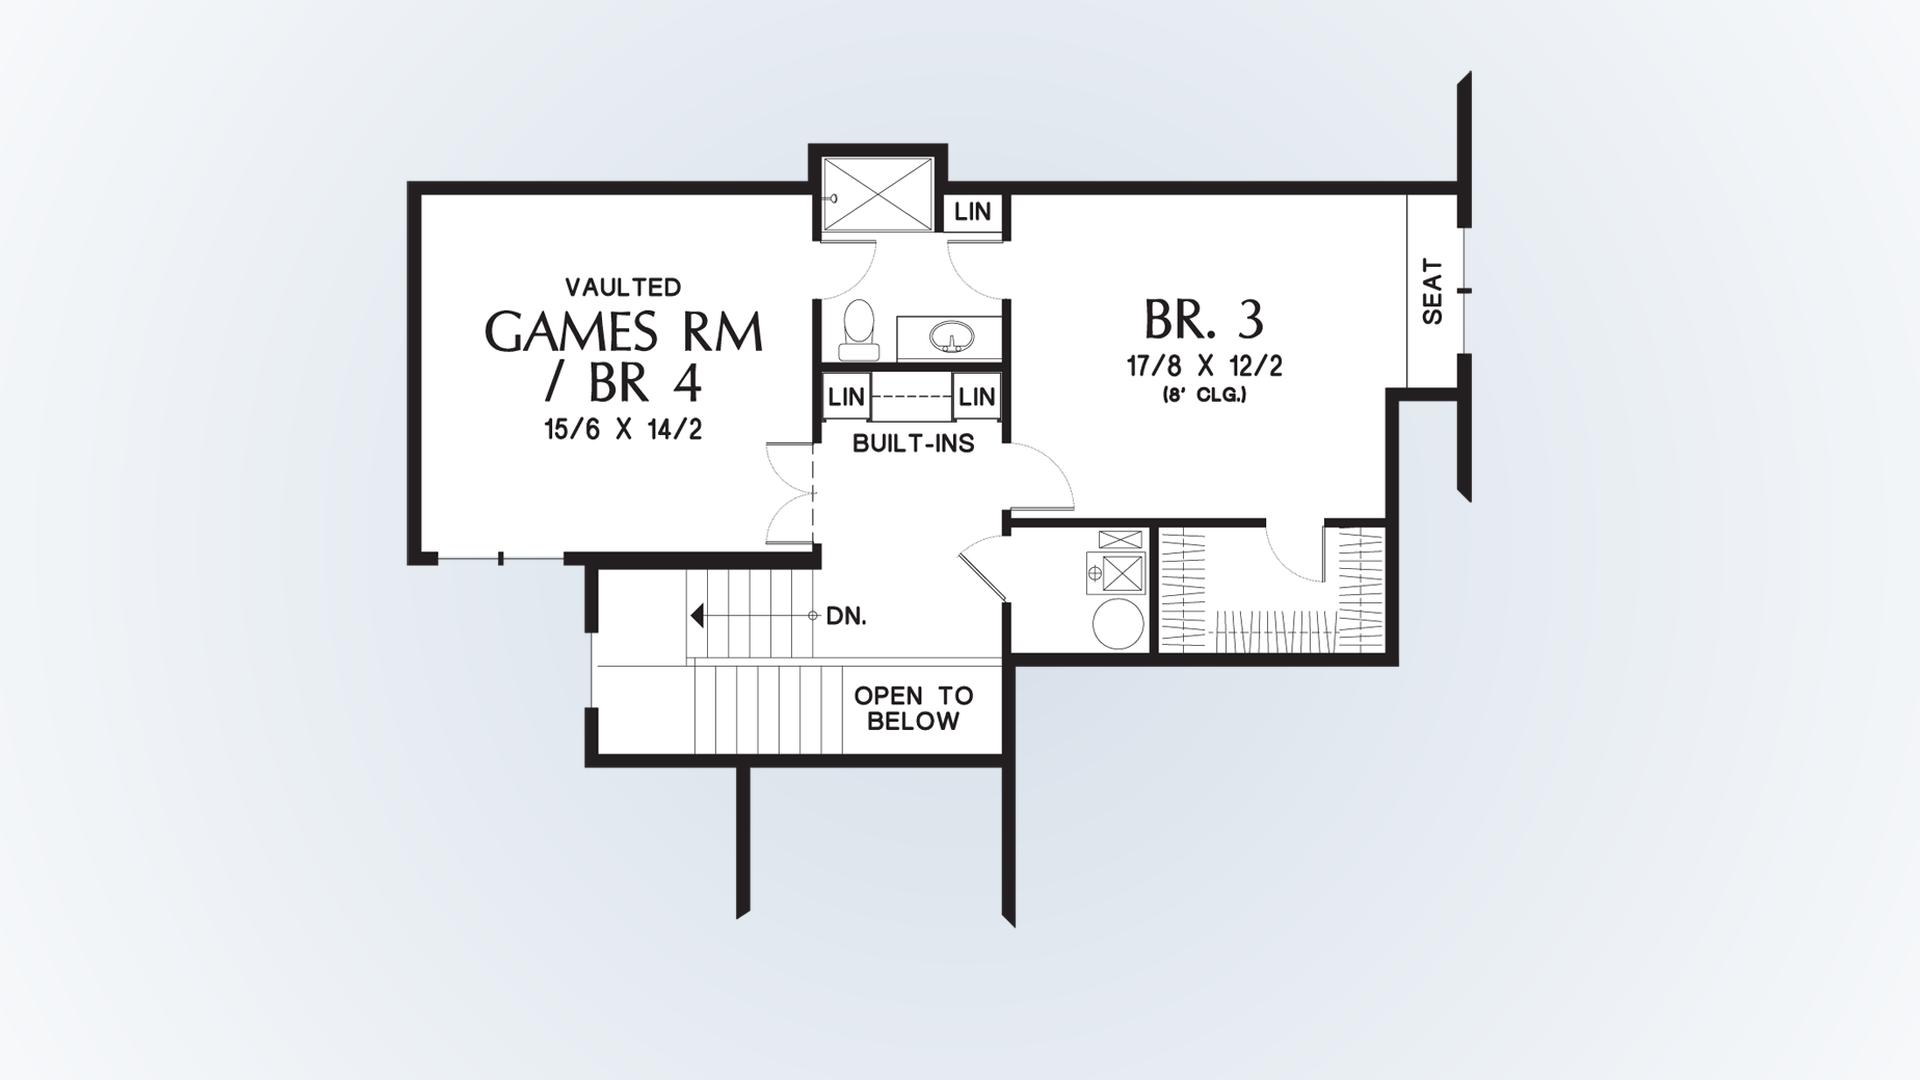 mascord house plan 2396 the vidabelo image